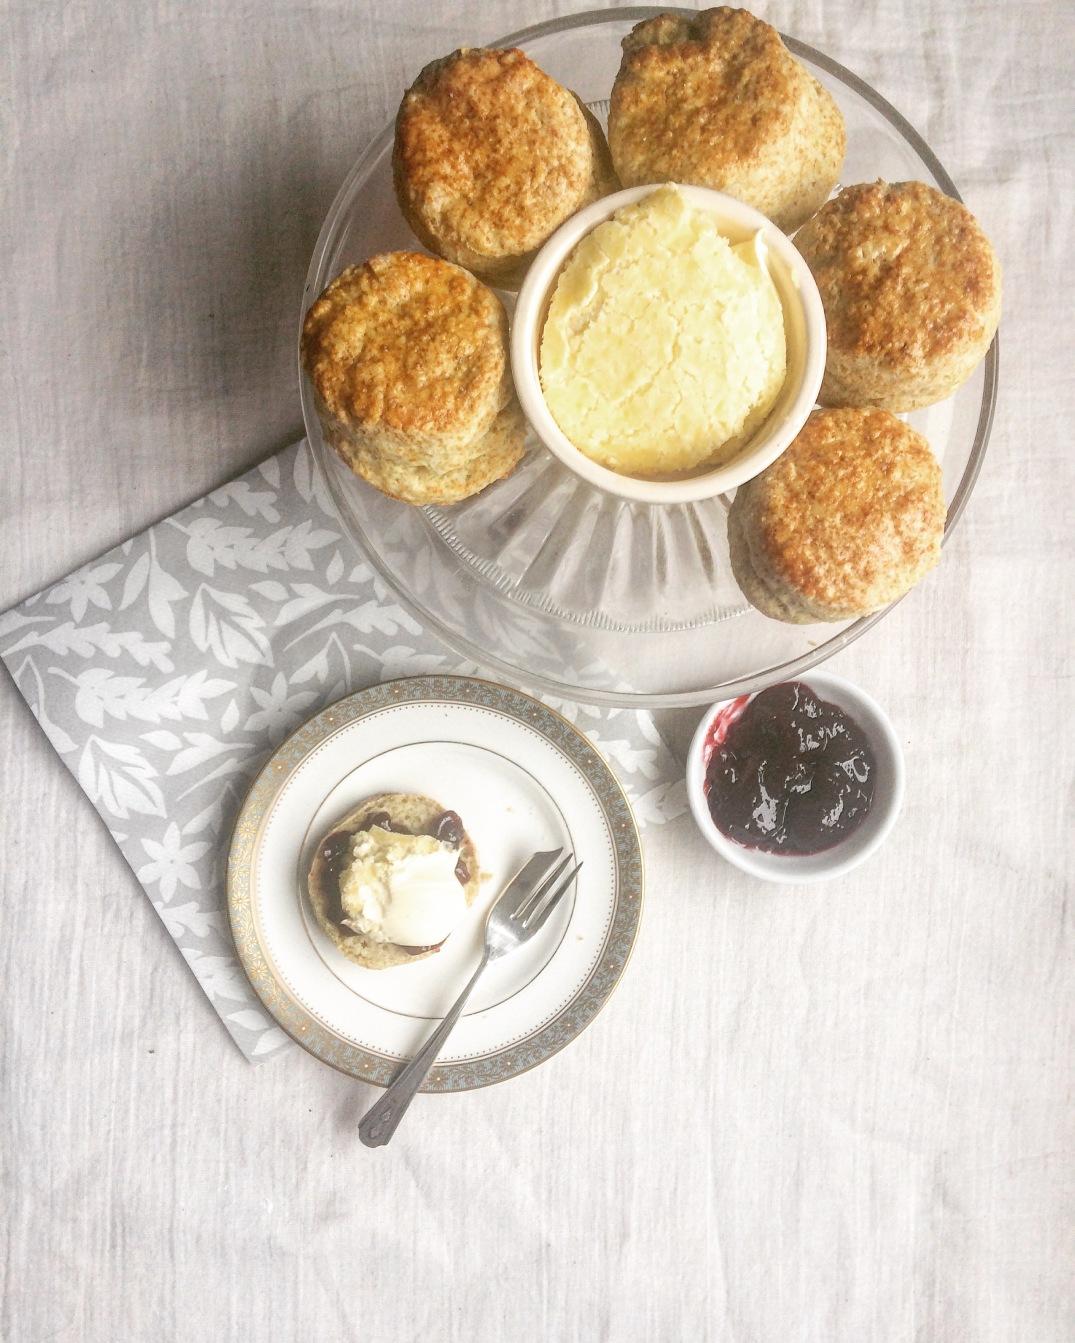 Afternoon Tea Scones - Sky Meadow Bakery blog